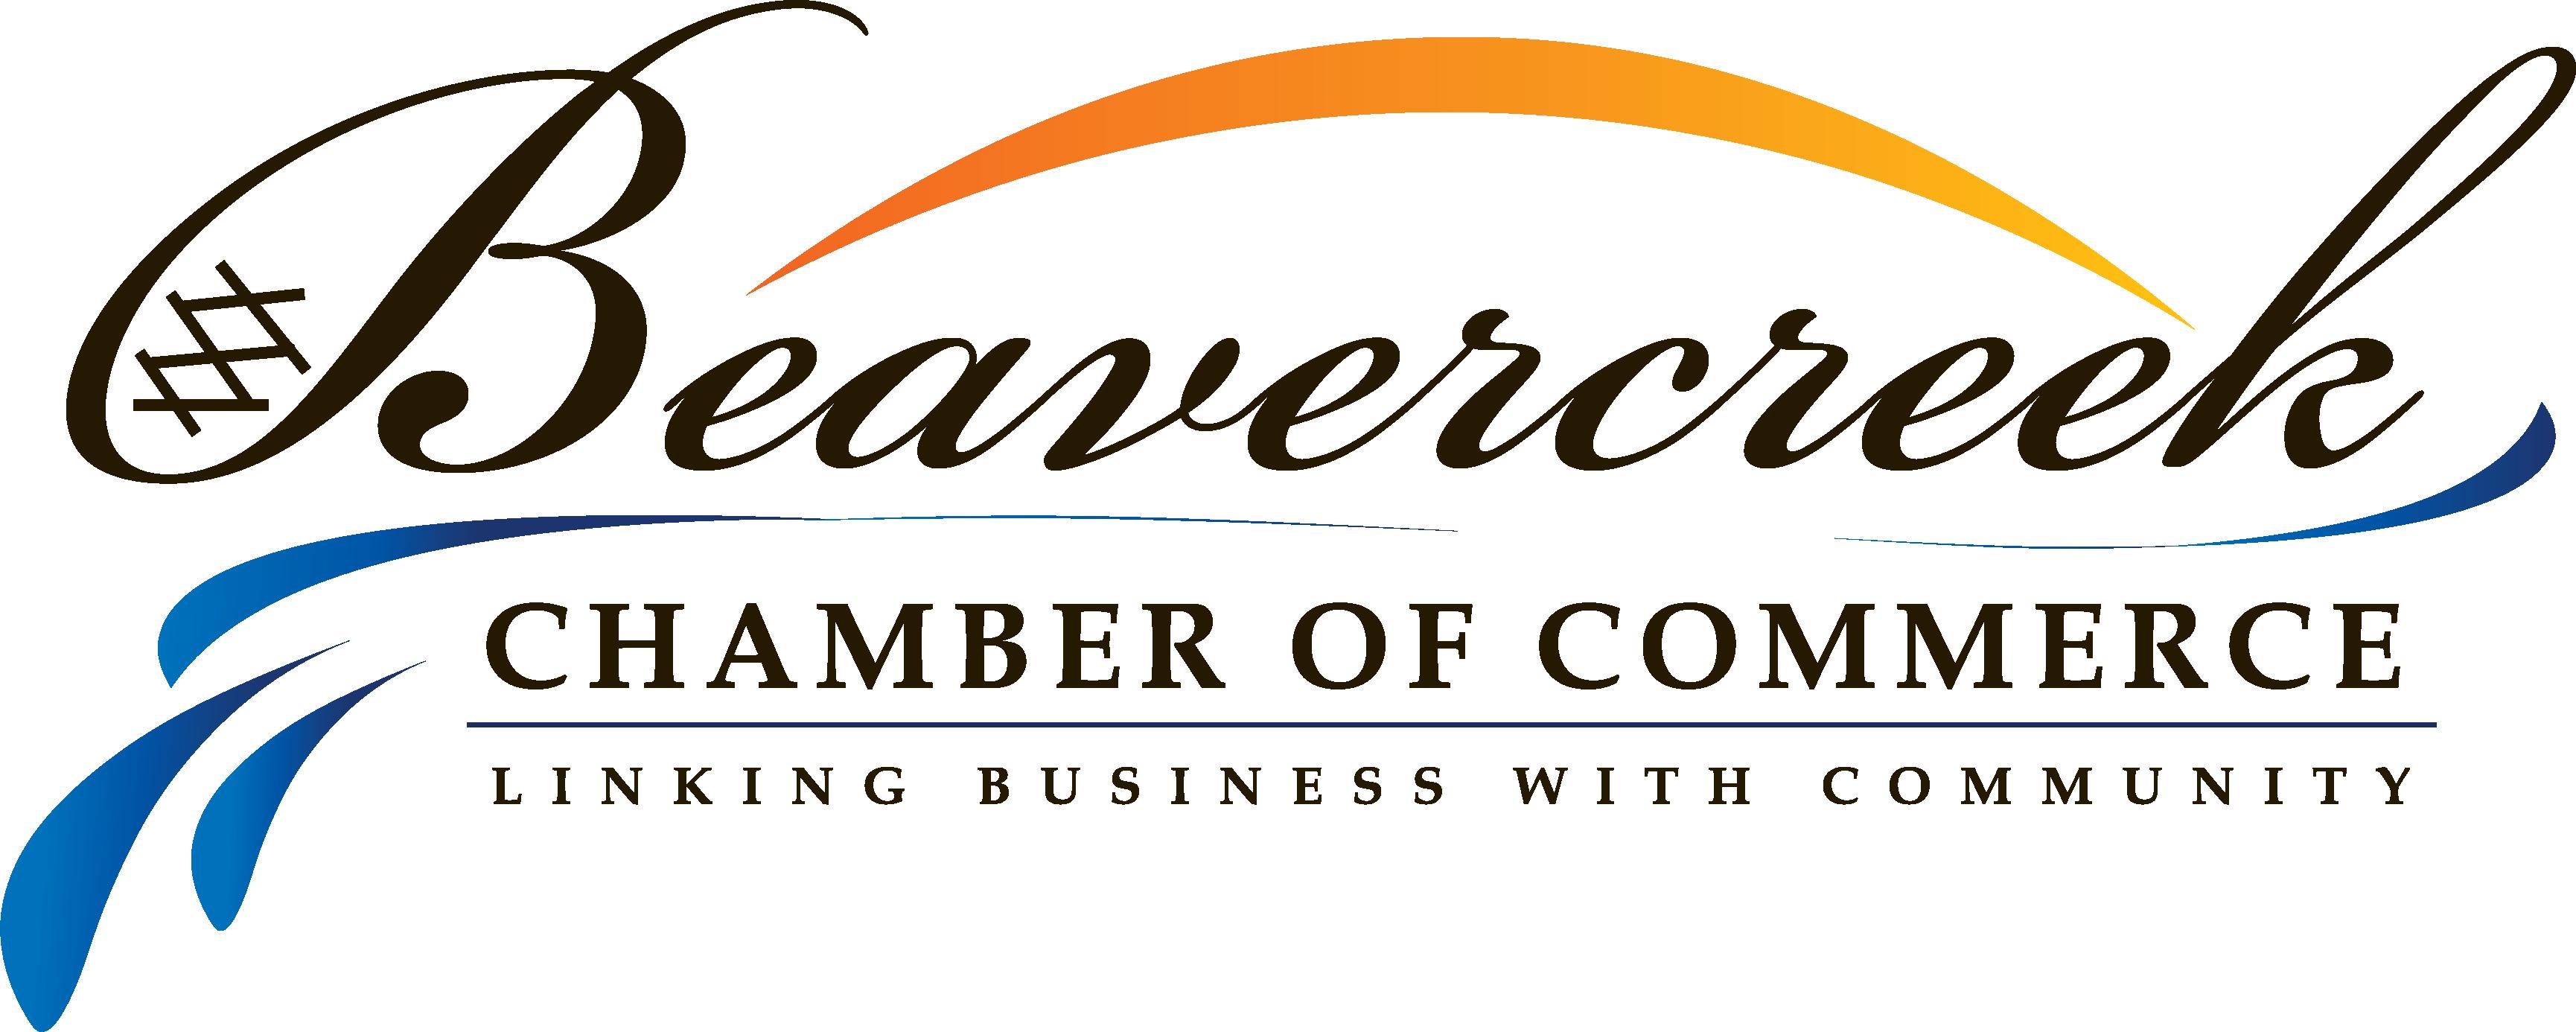 Beavercreek Chamber of Commerce logo   Spooner MAI